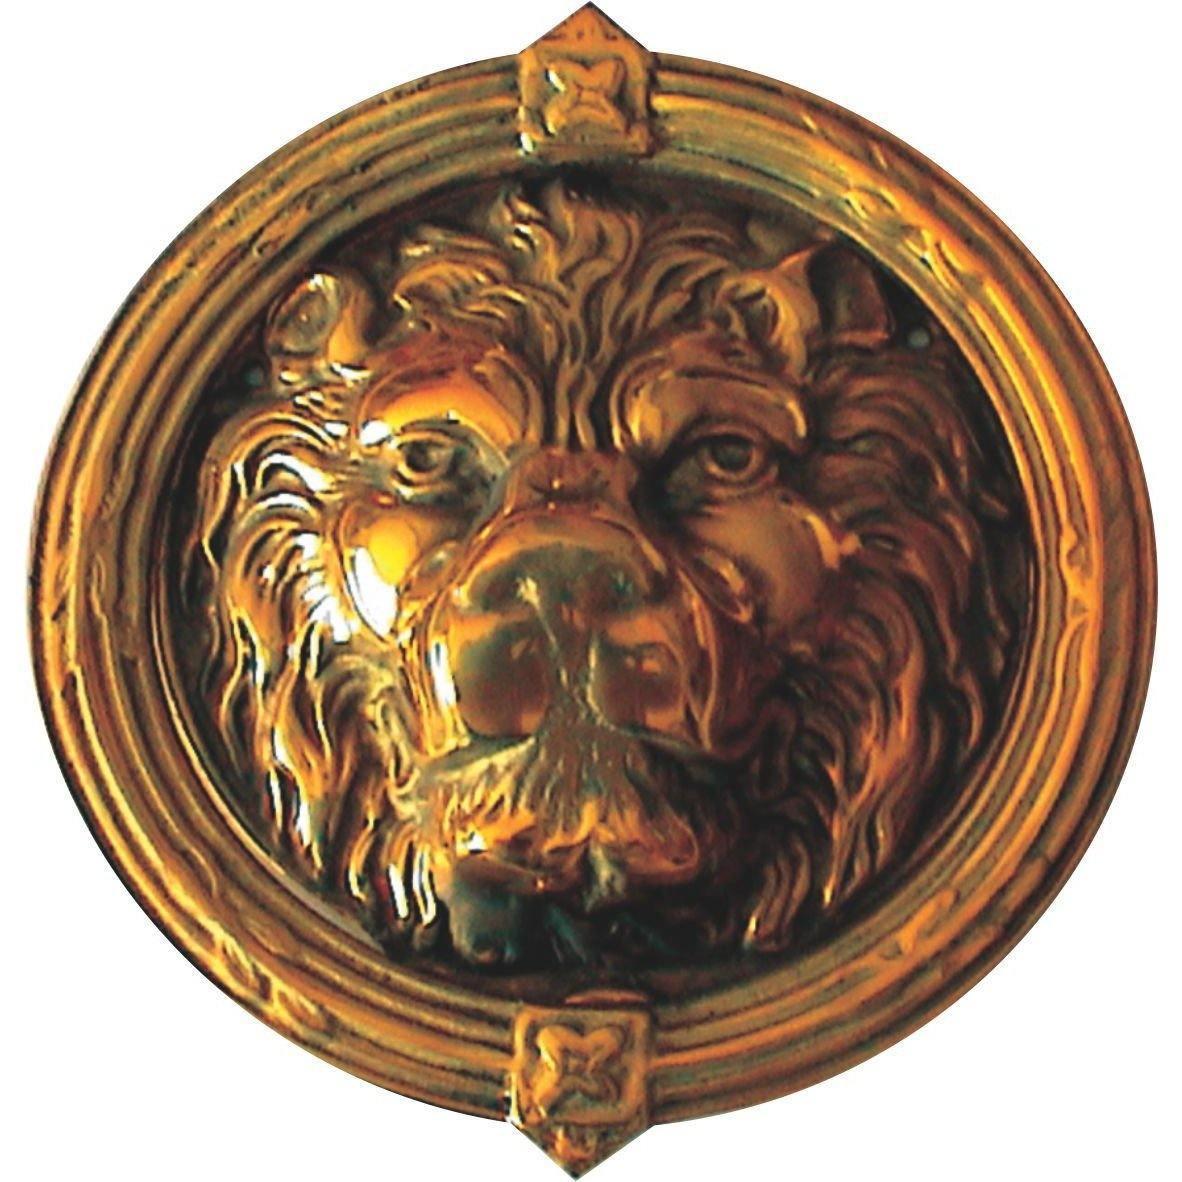 Lion head door knocker - brass